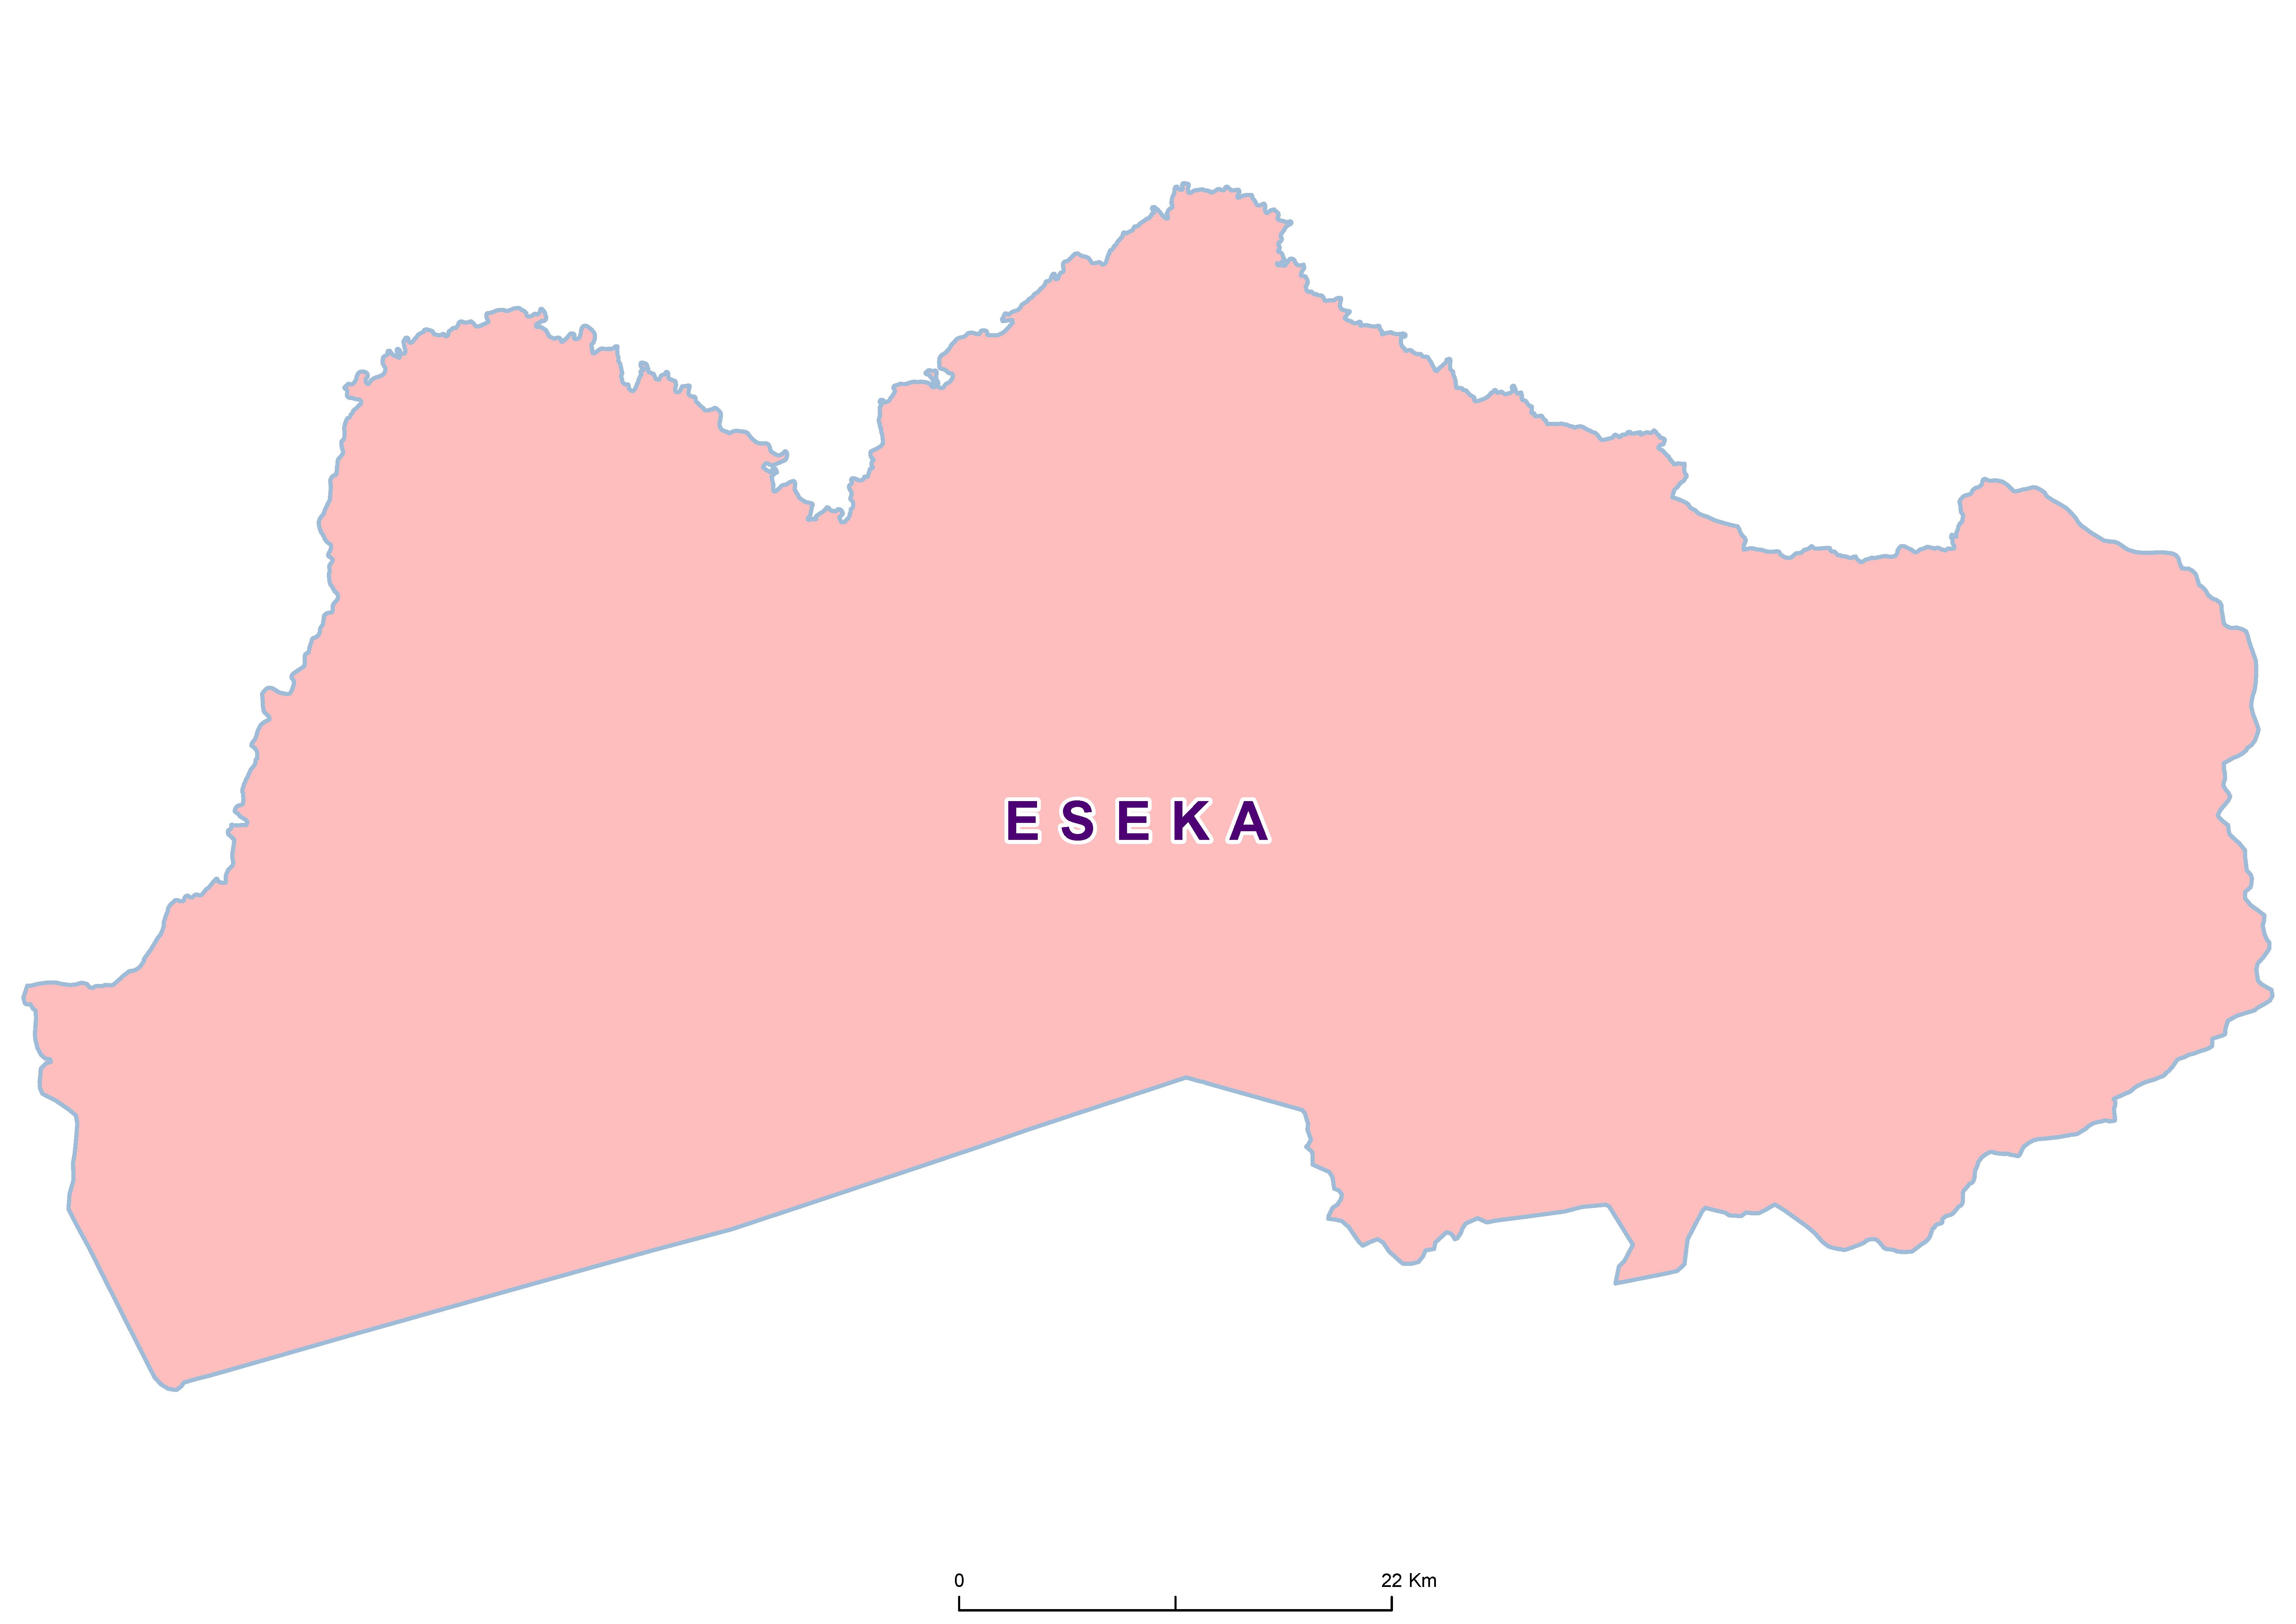 Eseka Mean SCH 19850001